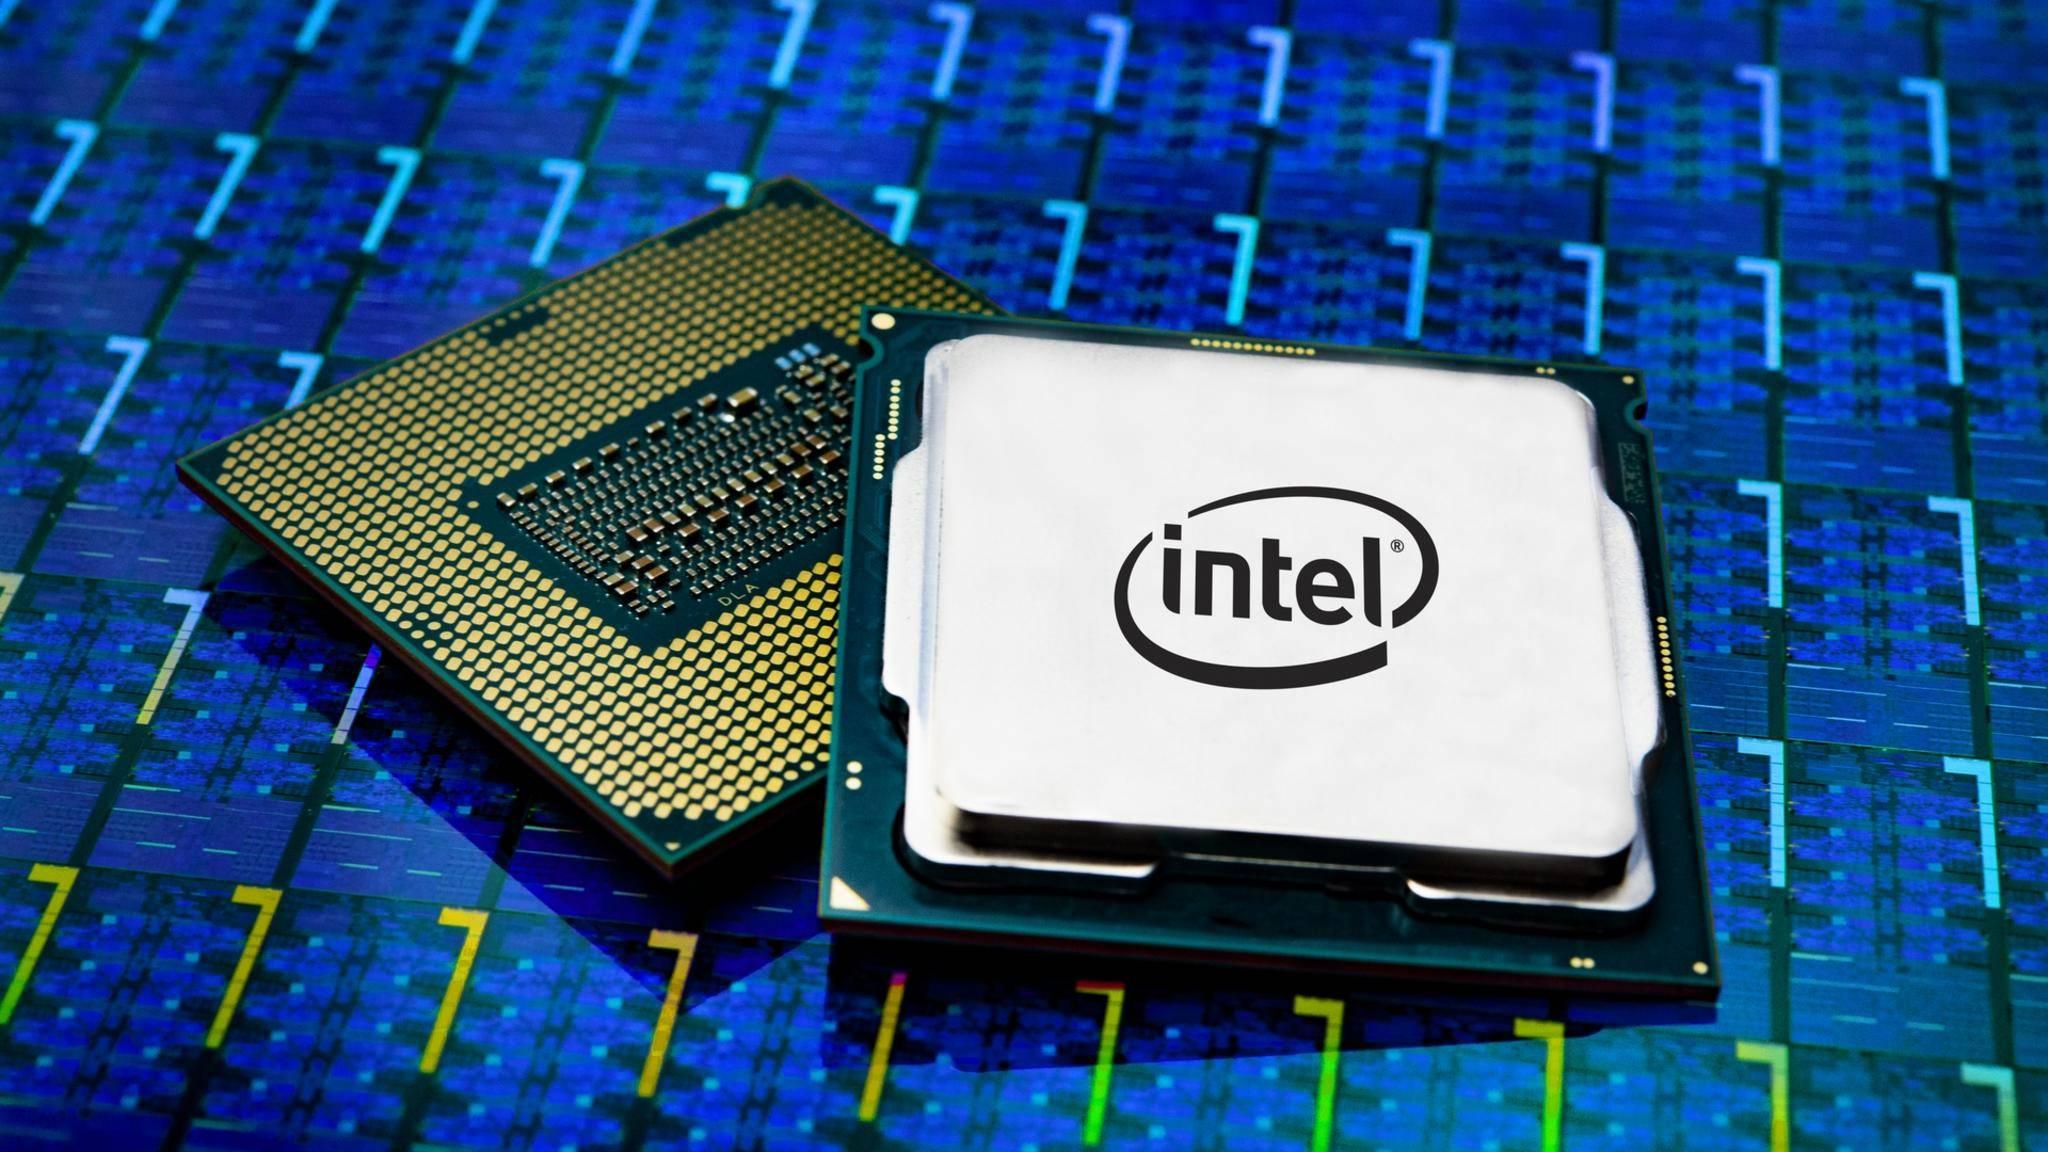 Welcher Intel-Prozessor soll es sein?